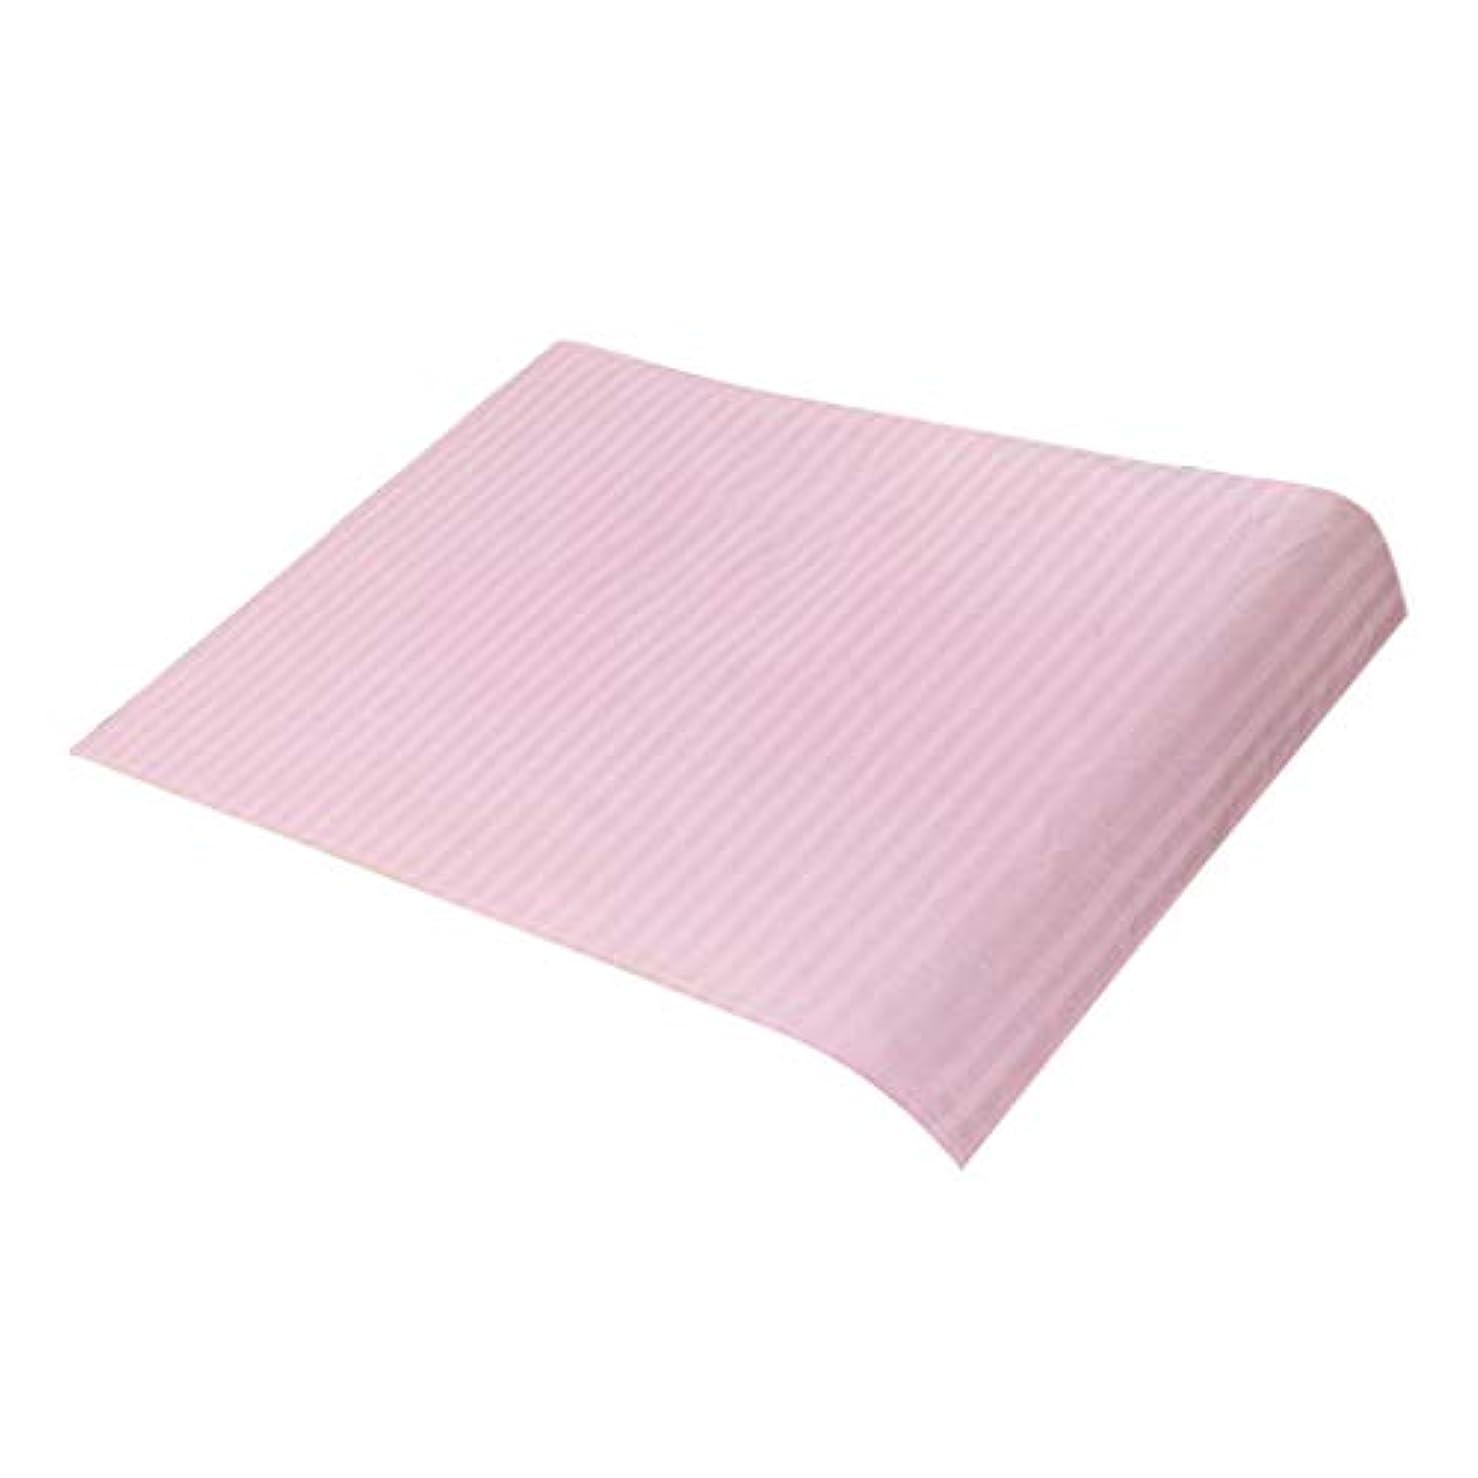 批判的冒険者実証するマッサージベッドカバー 美容ベッドカバー スパ マッサージテーブルスカート 綿素材 断面デザイン - ピンク